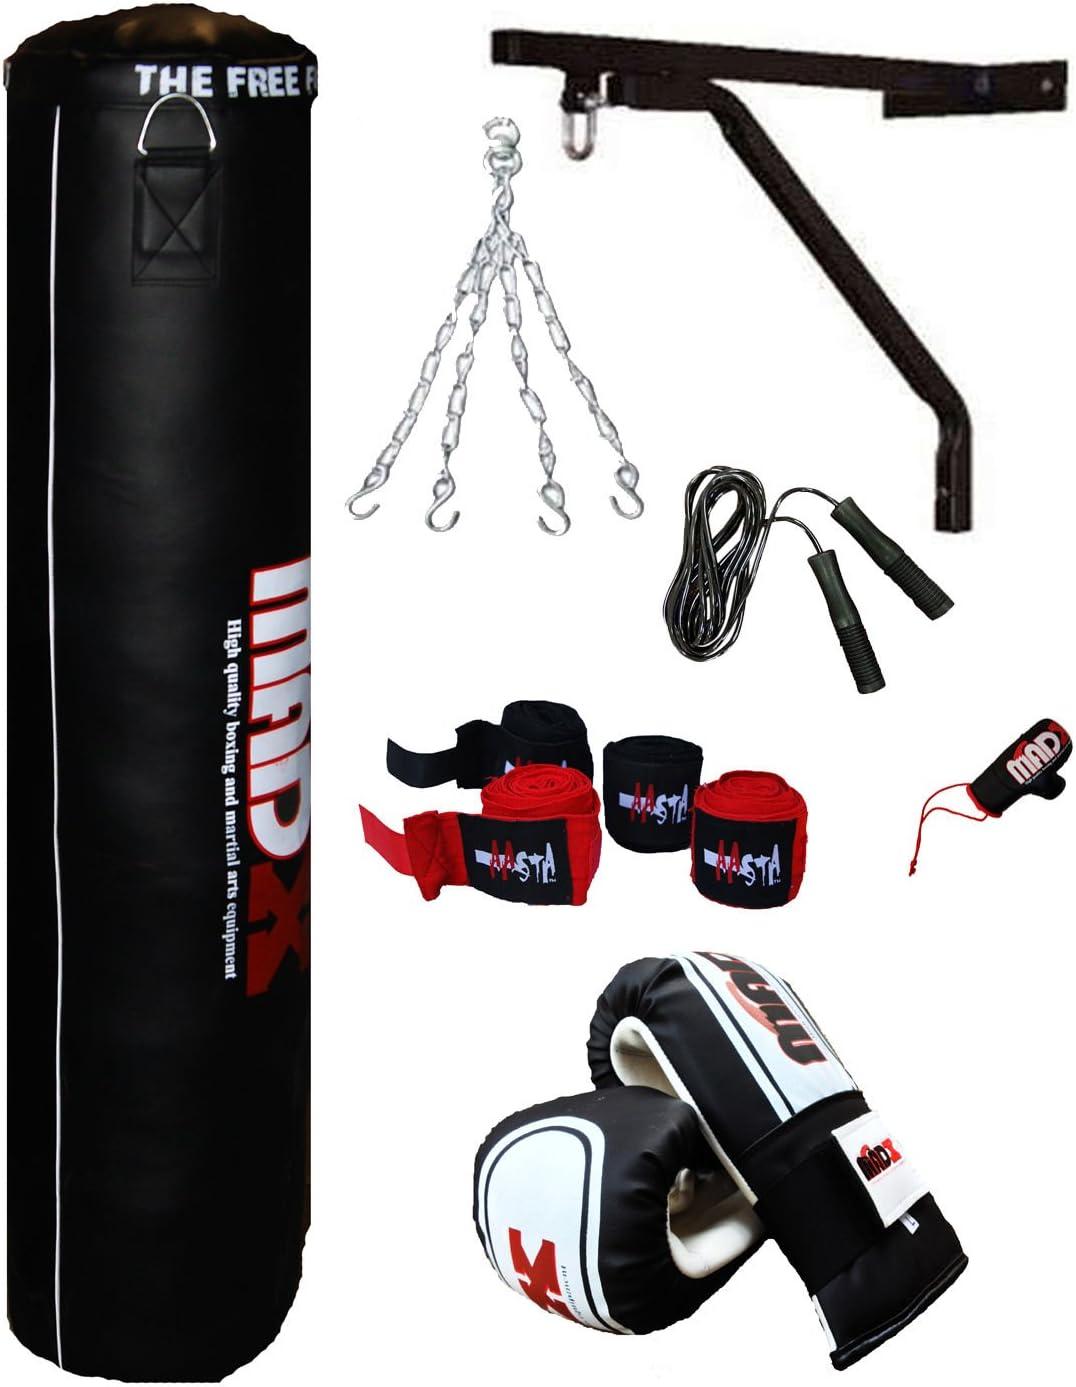 MADX - Juego de saco de boxeo con guantes y accesorios (7 unidades): Amazon.es: Deportes y aire libre